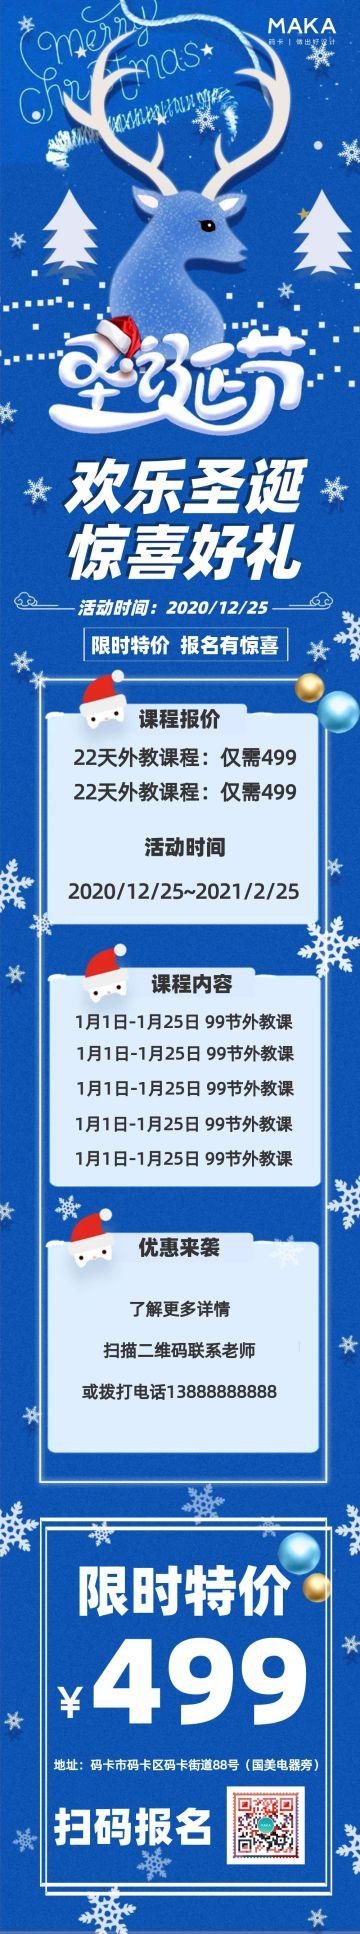 蓝色简约卡通圣诞元旦补课班培训班招生课程宣传长图海报